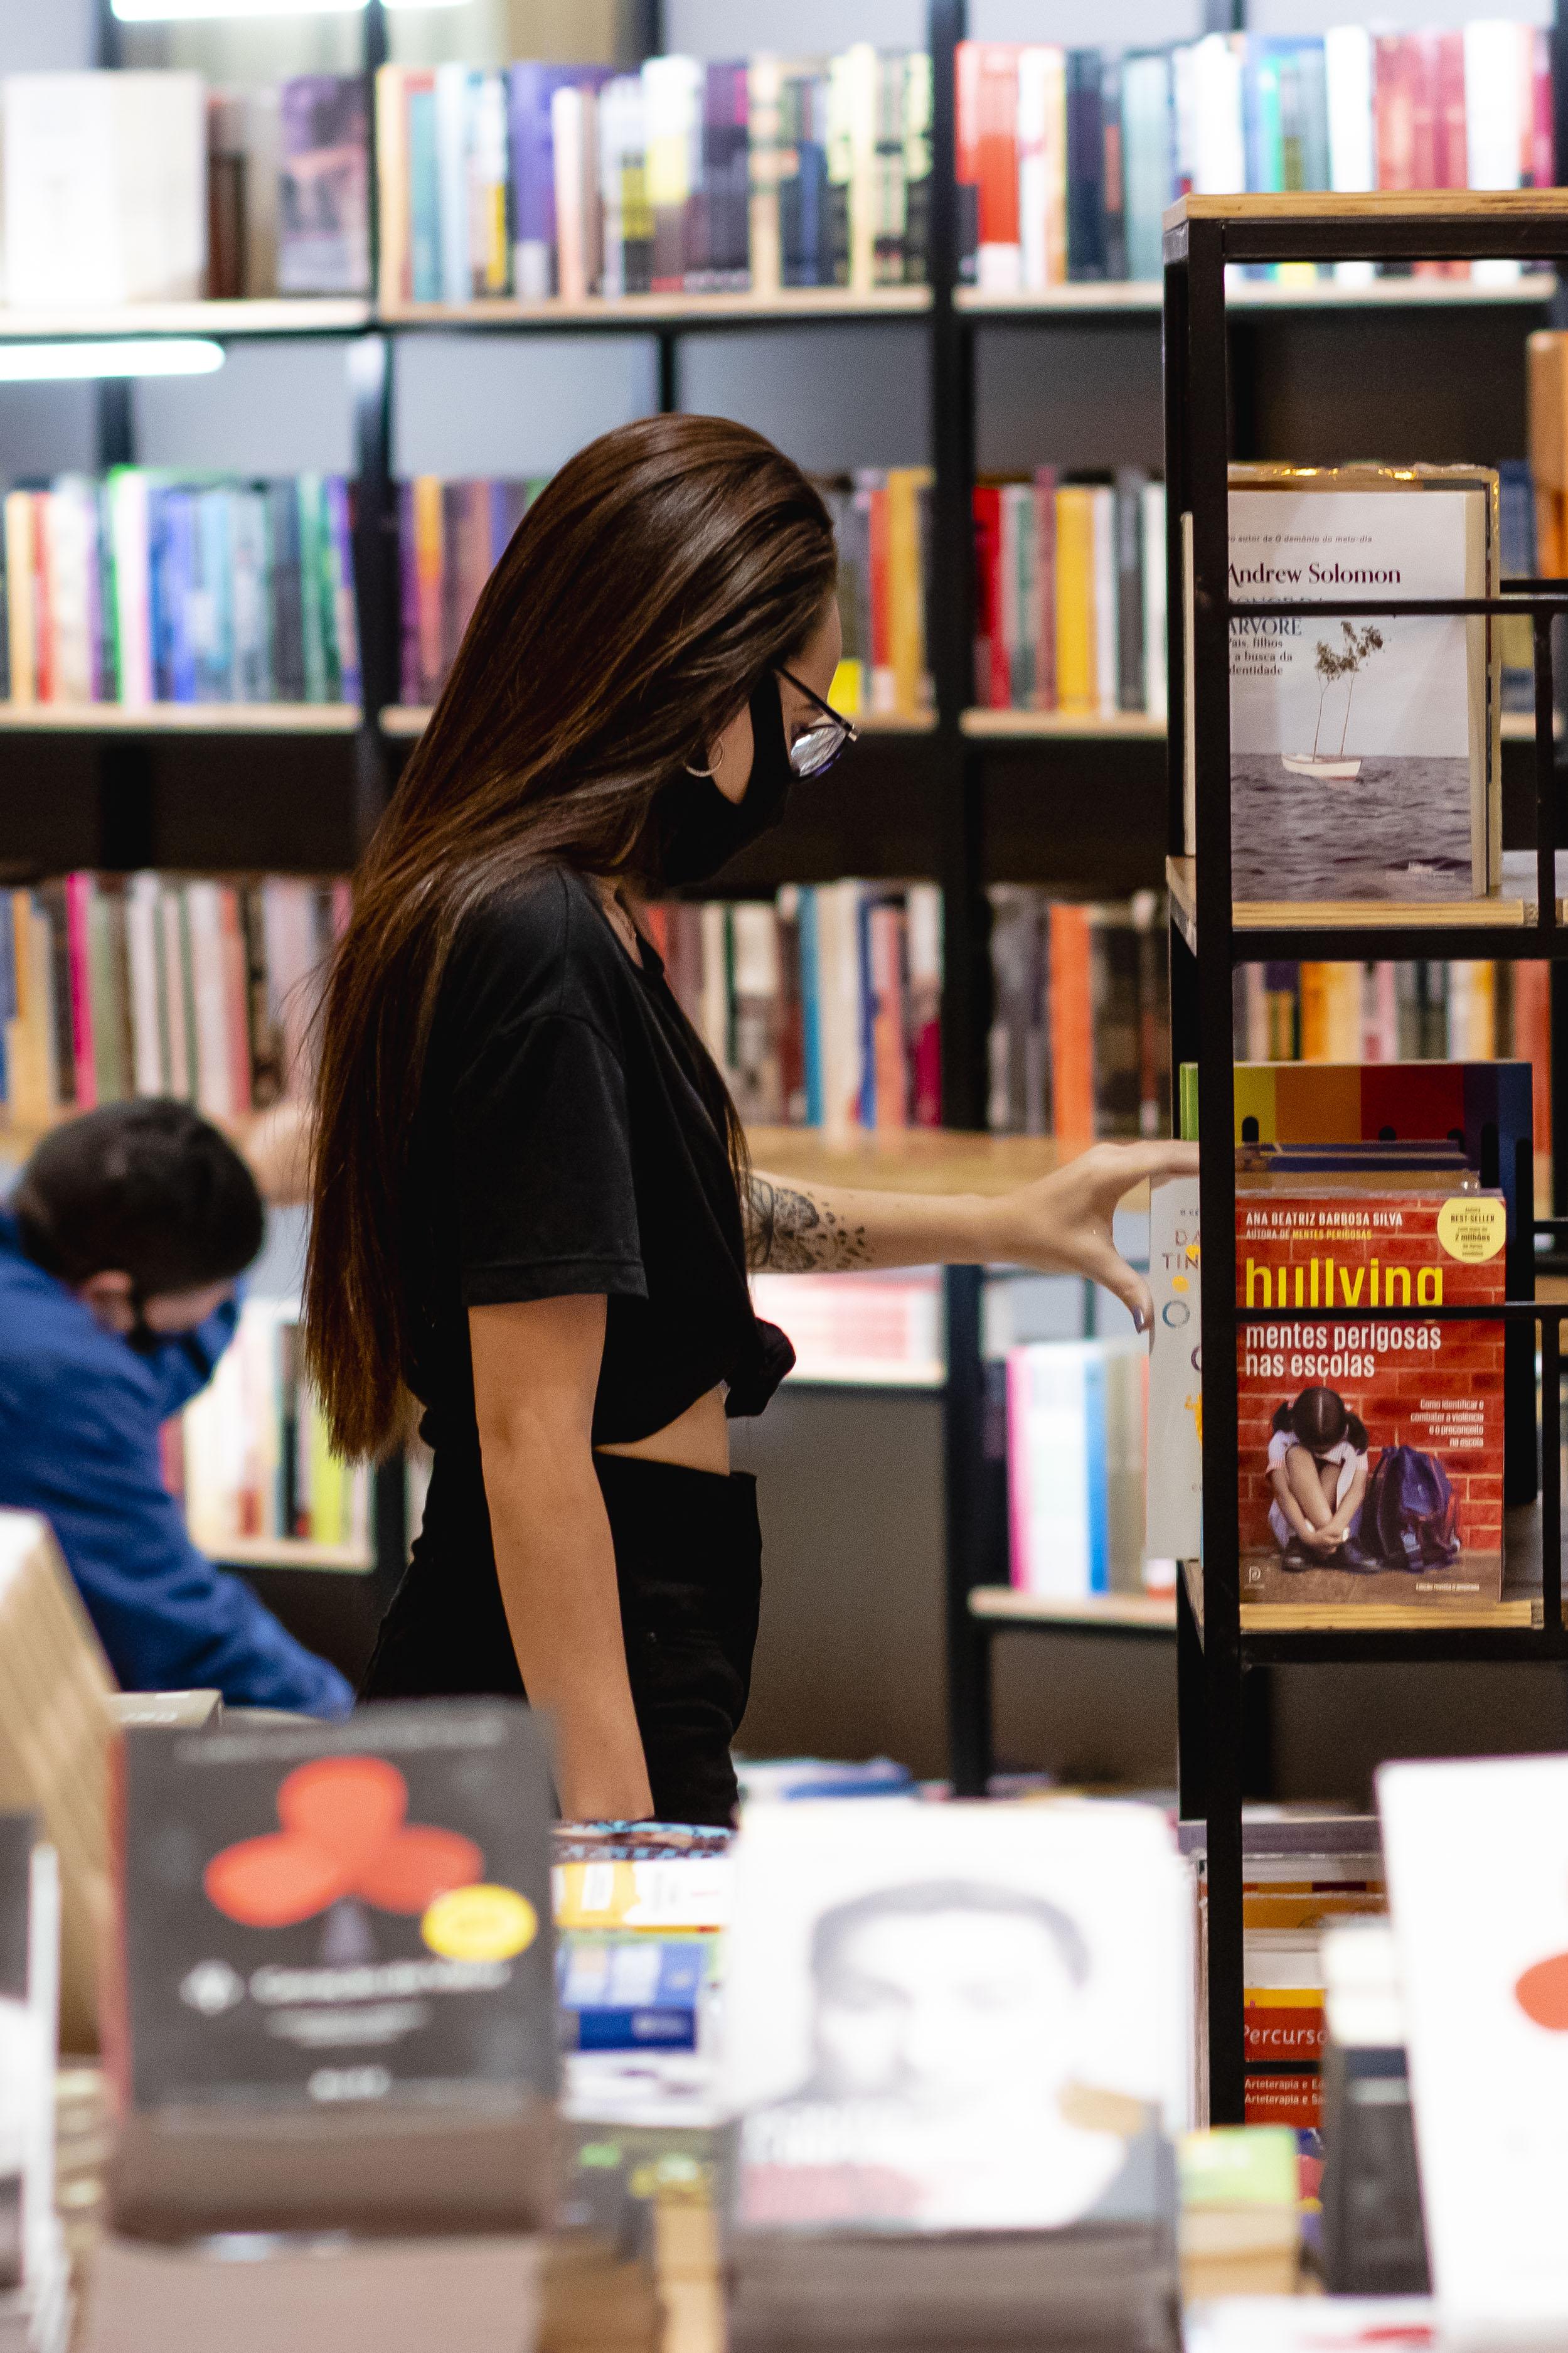 A venda de livros no Brasil aumentou. Entre 5 de abril de 2021 e 2 de maio, as livrarias faturaram R$ 180 milhões.